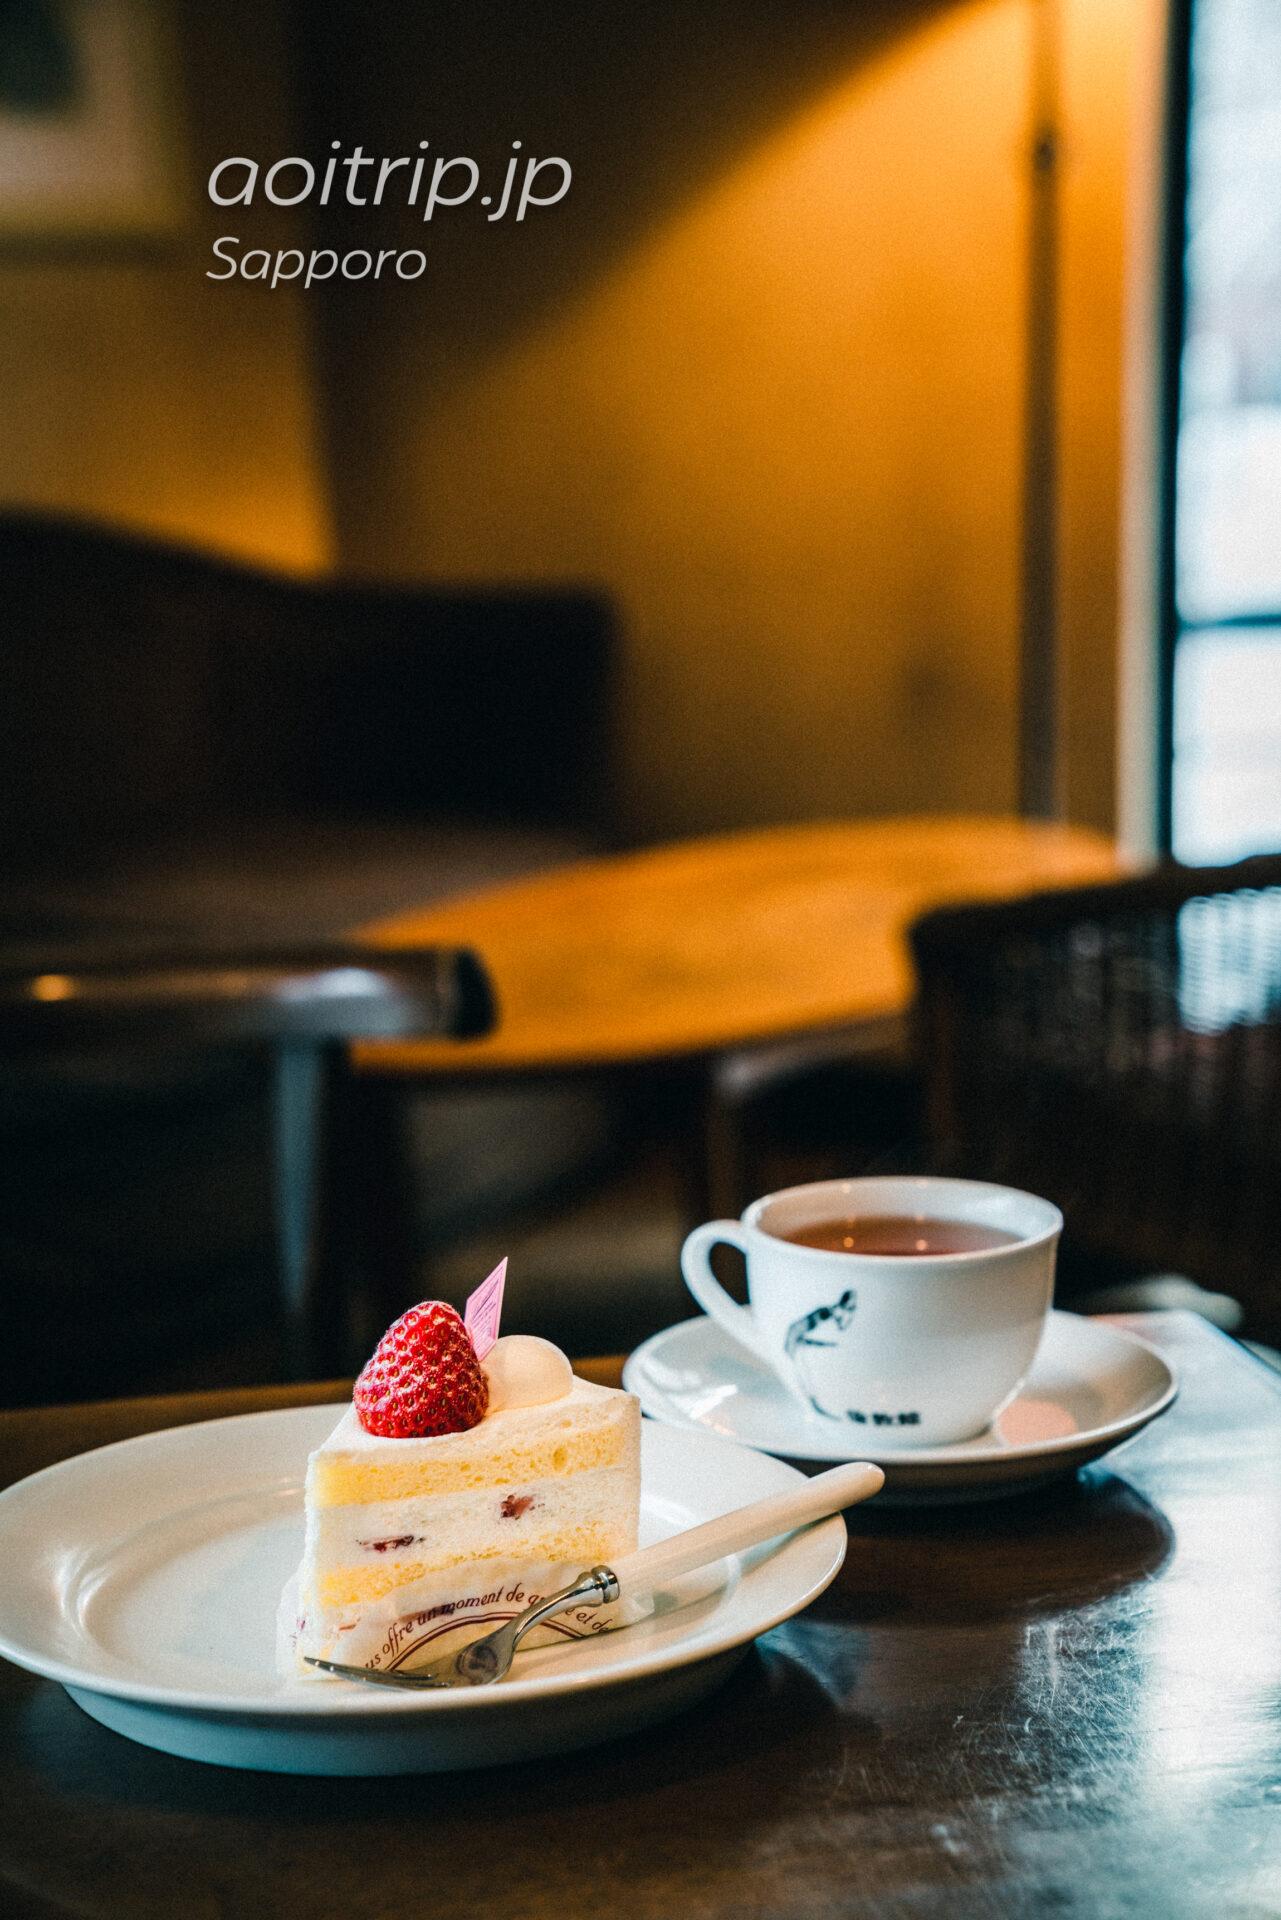 札幌の喫茶店 倫敦館のショートケーキと紅茶